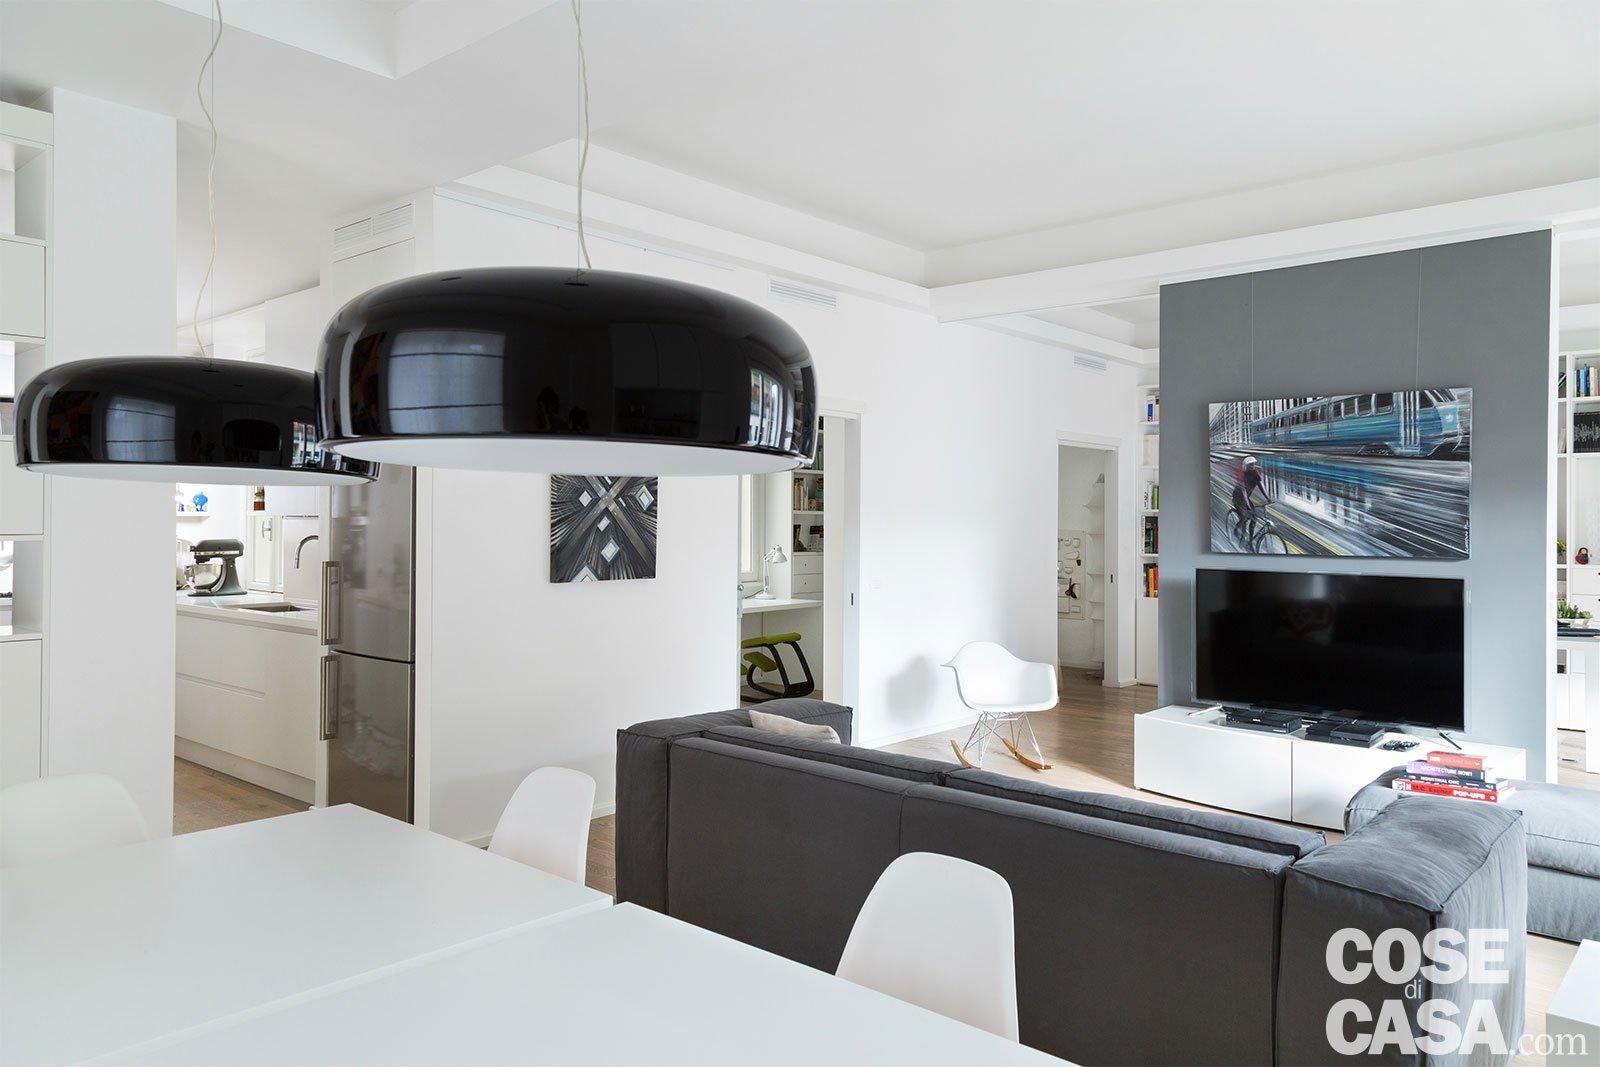 Ufficio In Casa Normativa : 130 mq casa studio con soluzioni a scomparsa cose di casa